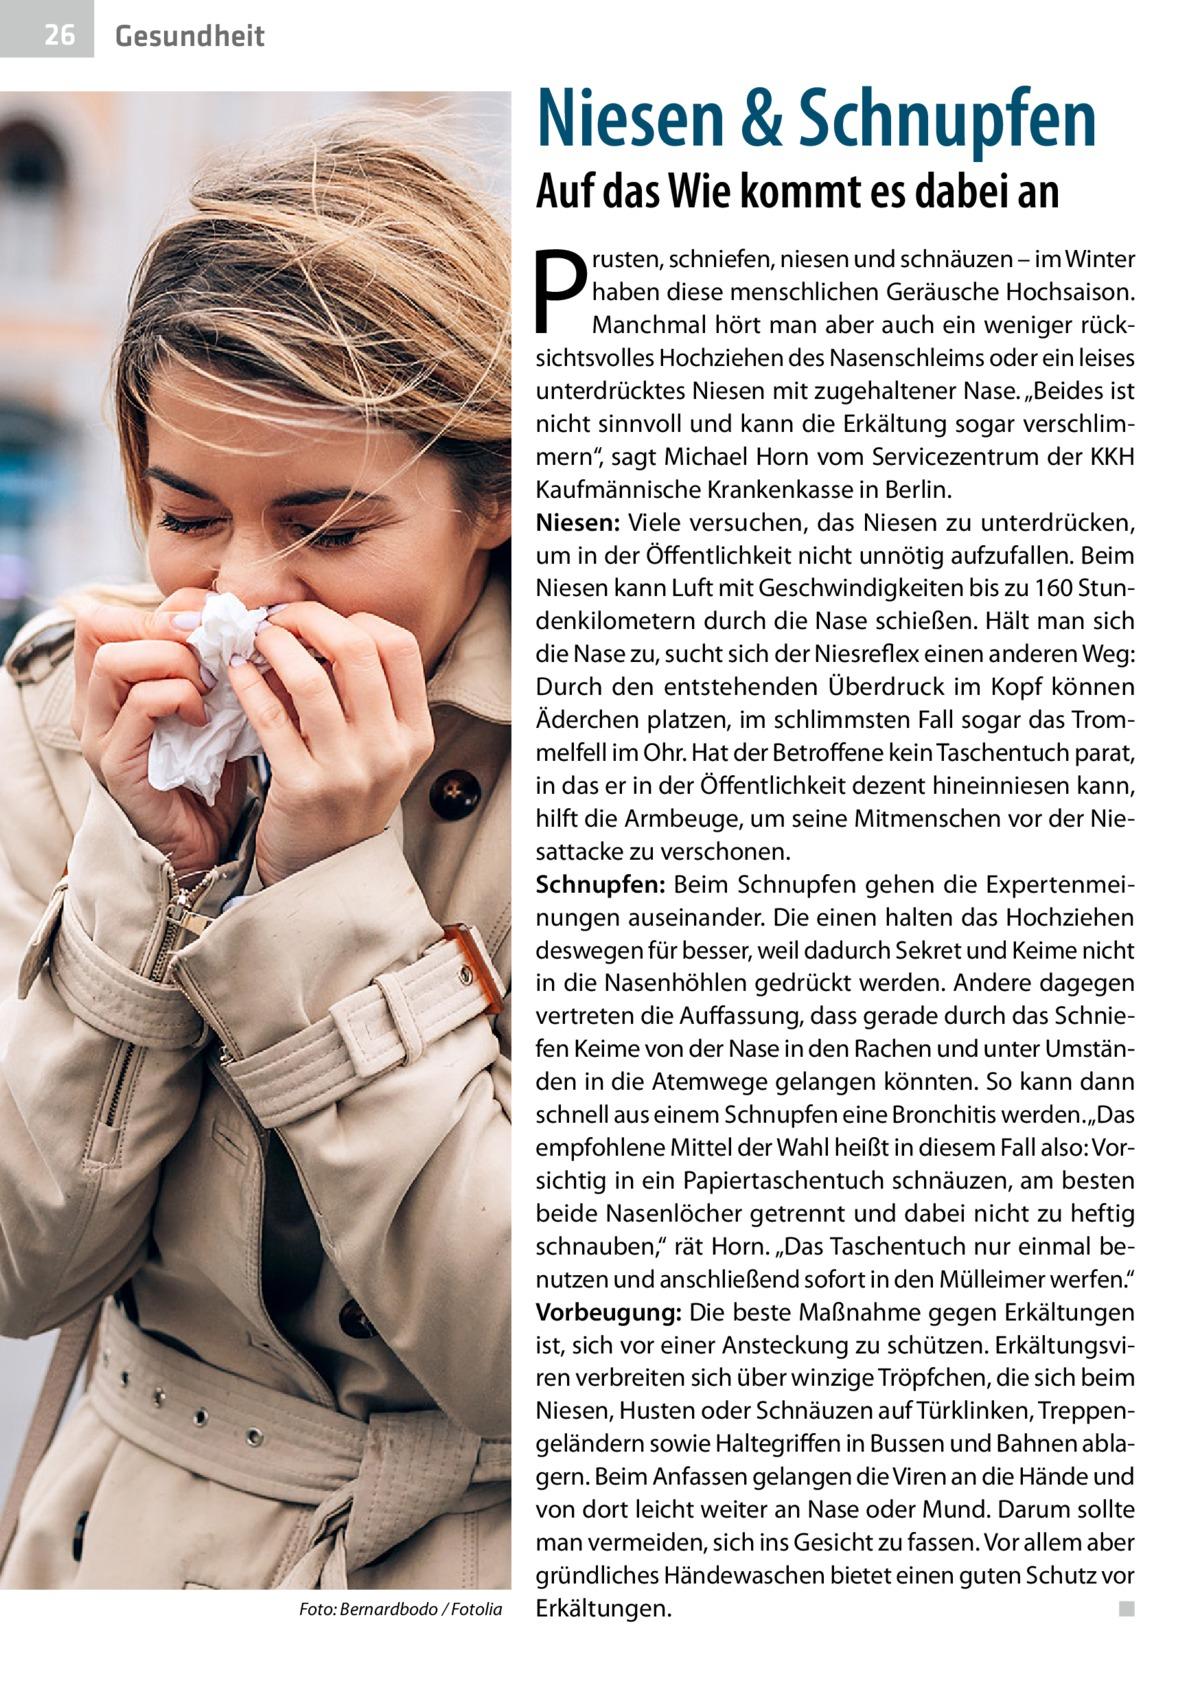 """26  Gesundheit  Niesen & Schnupfen Auf das Wie kommt es dabei an  P  �  Foto: Bernardbodo / Fotolia  rusten, schniefen, niesen und schnäuzen – im Winter haben diese menschlichen Geräusche Hochsaison. Manchmal hört man aber auch ein weniger rücksichtsvolles Hochziehen des Nasenschleims oder ein leises unterdrücktes Niesen mit zugehaltener Nase. """"Beides ist nicht sinnvoll und kann die Erkältung sogar verschlimmern"""", sagt Michael Horn vom Servicezentrum der KKH Kaufmännische Krankenkasse in Berlin. Niesen: Viele versuchen, das Niesen zu unterdrücken, um in der Öffentlichkeit nicht unnötig aufzufallen. Beim Niesen kann Luft mit Geschwindigkeiten bis zu 160Stundenkilometern durch die Nase schießen. Hält man sich die Nase zu, sucht sich der Niesreflex einen anderen Weg: Durch den entstehenden Überdruck im Kopf können Äderchen platzen, im schlimmsten Fall sogar das Trommelfell im Ohr. Hat der Betroffene kein Taschentuch parat, in das er in der Öffentlichkeit dezent hineinniesen kann, hilft die Armbeuge, um seine Mitmenschen vor der Niesattacke zu verschonen. Schnupfen: Beim Schnupfen gehen die Expertenmeinungen auseinander. Die einen halten das Hochziehen deswegen für besser, weil dadurch Sekret und Keime nicht in die Nasenhöhlen gedrückt werden. Andere dagegen vertreten die Auffassung, dass gerade durch das Schniefen Keime von der Nase in den Rachen und unter Umständen in die Atemwege gelangen könnten. So kann dann schnell aus einem Schnupfen eine Bronchitis werden. """"Das empfohlene Mittel der Wahl heißt in diesem Fall also: Vorsichtig in ein Papiertaschentuch schnäuzen, am besten beide Nasenlöcher getrennt und dabei nicht zu heftig schnauben,"""" rät Horn. """"Das Taschentuch nur einmal benutzen und anschließend sofort in den Mülleimer werfen."""" Vorbeugung: Die beste Maßnahme gegen Erkältungen ist, sich vor einer Ansteckung zu schützen. Erkältungsviren verbreiten sich über winzige Tröpfchen, die sich beim Niesen, Husten oder Schnäuzen auf Türklinken, Treppengeländern sowie Halte"""